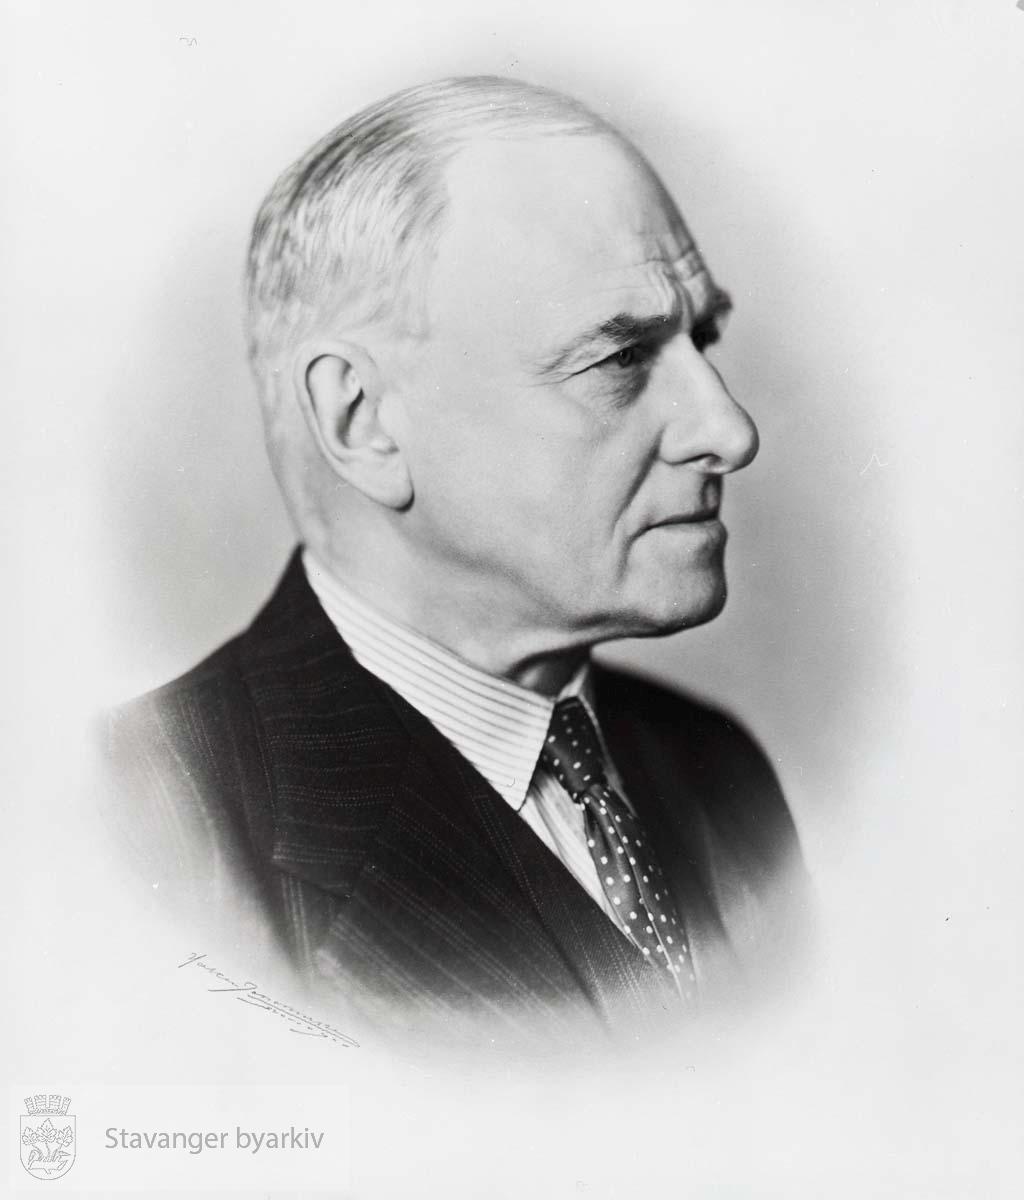 Ordfører i Stavanger 1938-1940, samt mai til september 1945. Høyre..Kjøpmann, firma Fred. Hansen.